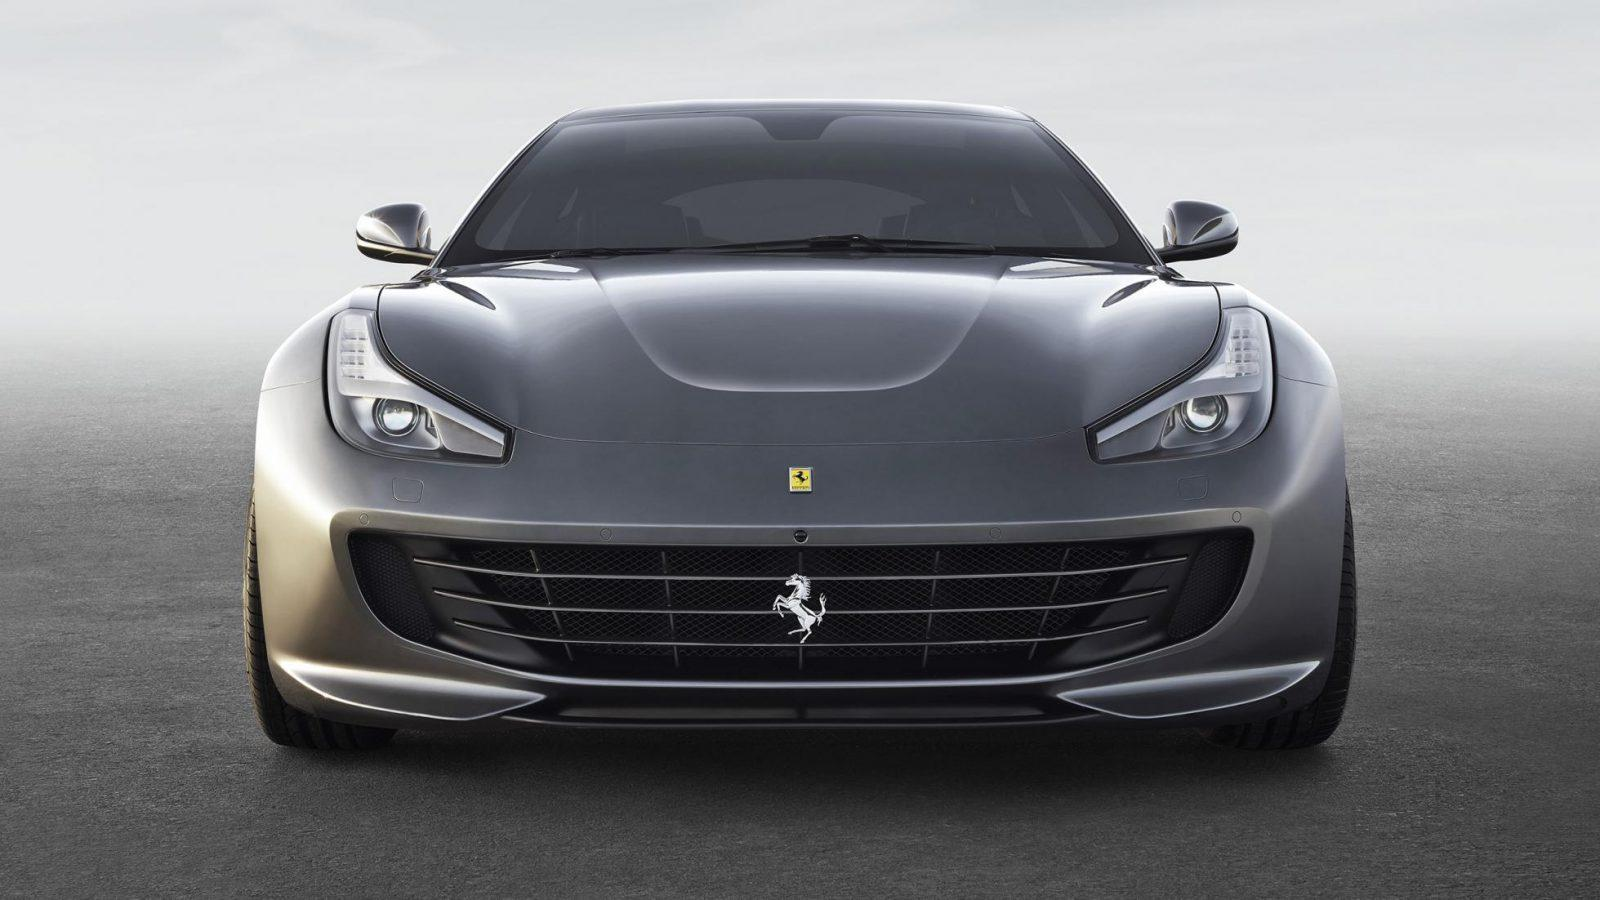 Ferrari GTC4Lusso Front View